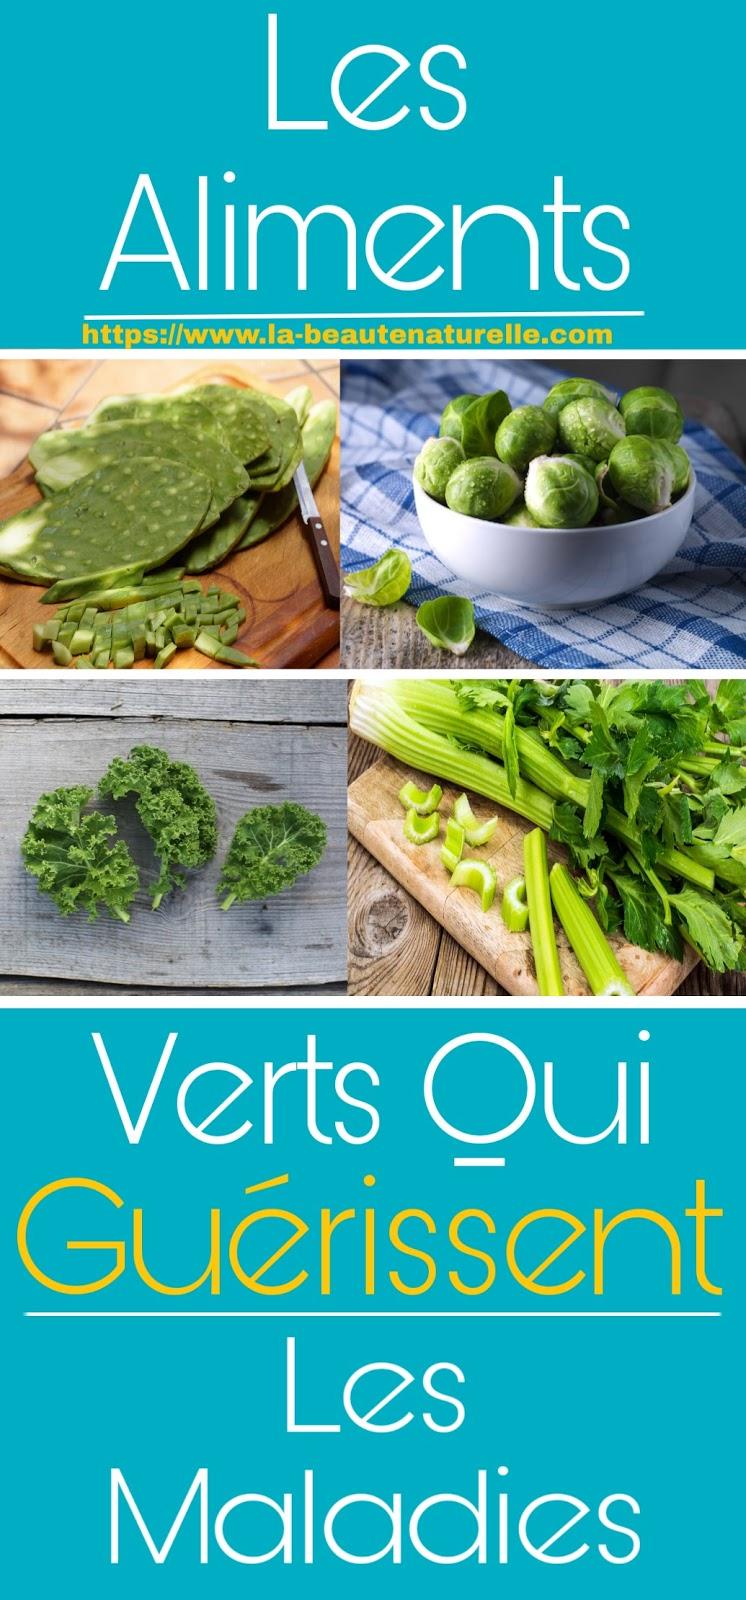 Les Aliments Verts Qui Guérissent Les Maladies